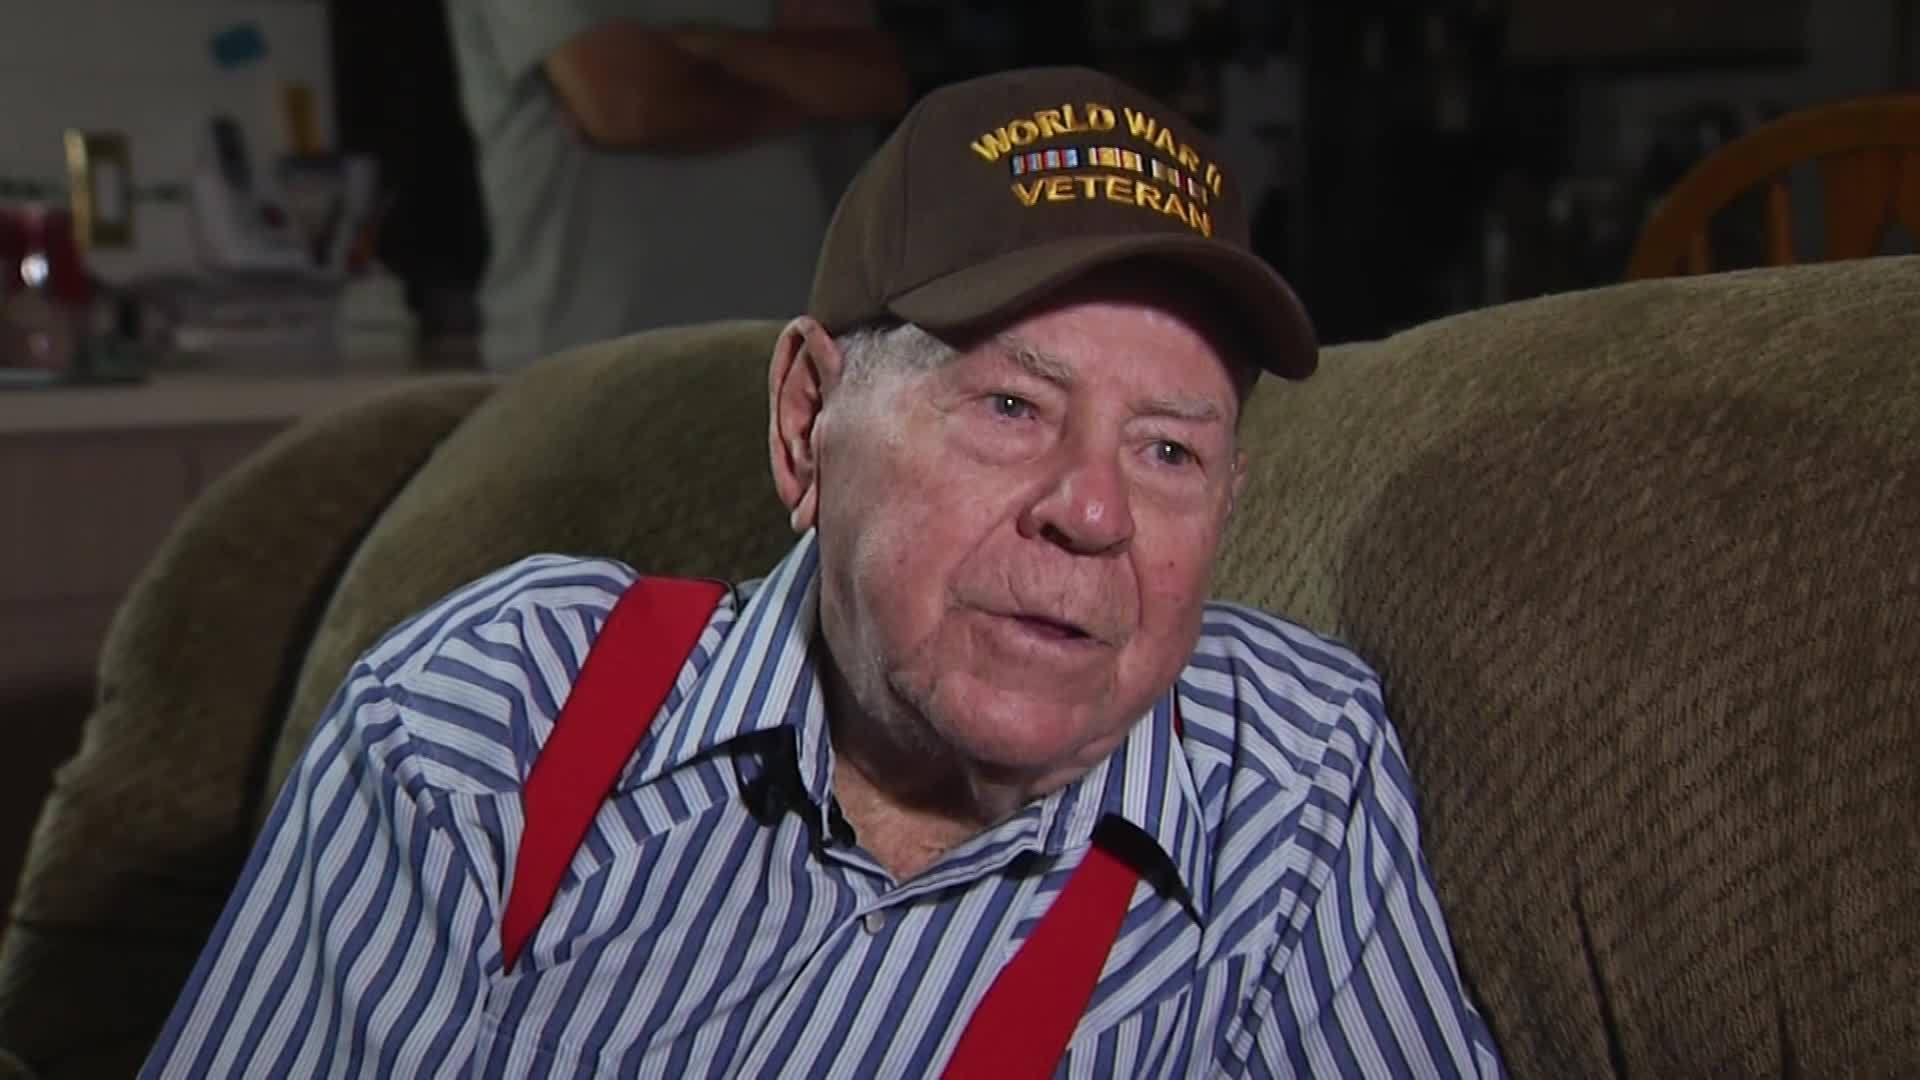 Veterans_Voices__WWII_Vet_remembers_Batt_0_20181004213949-873703993